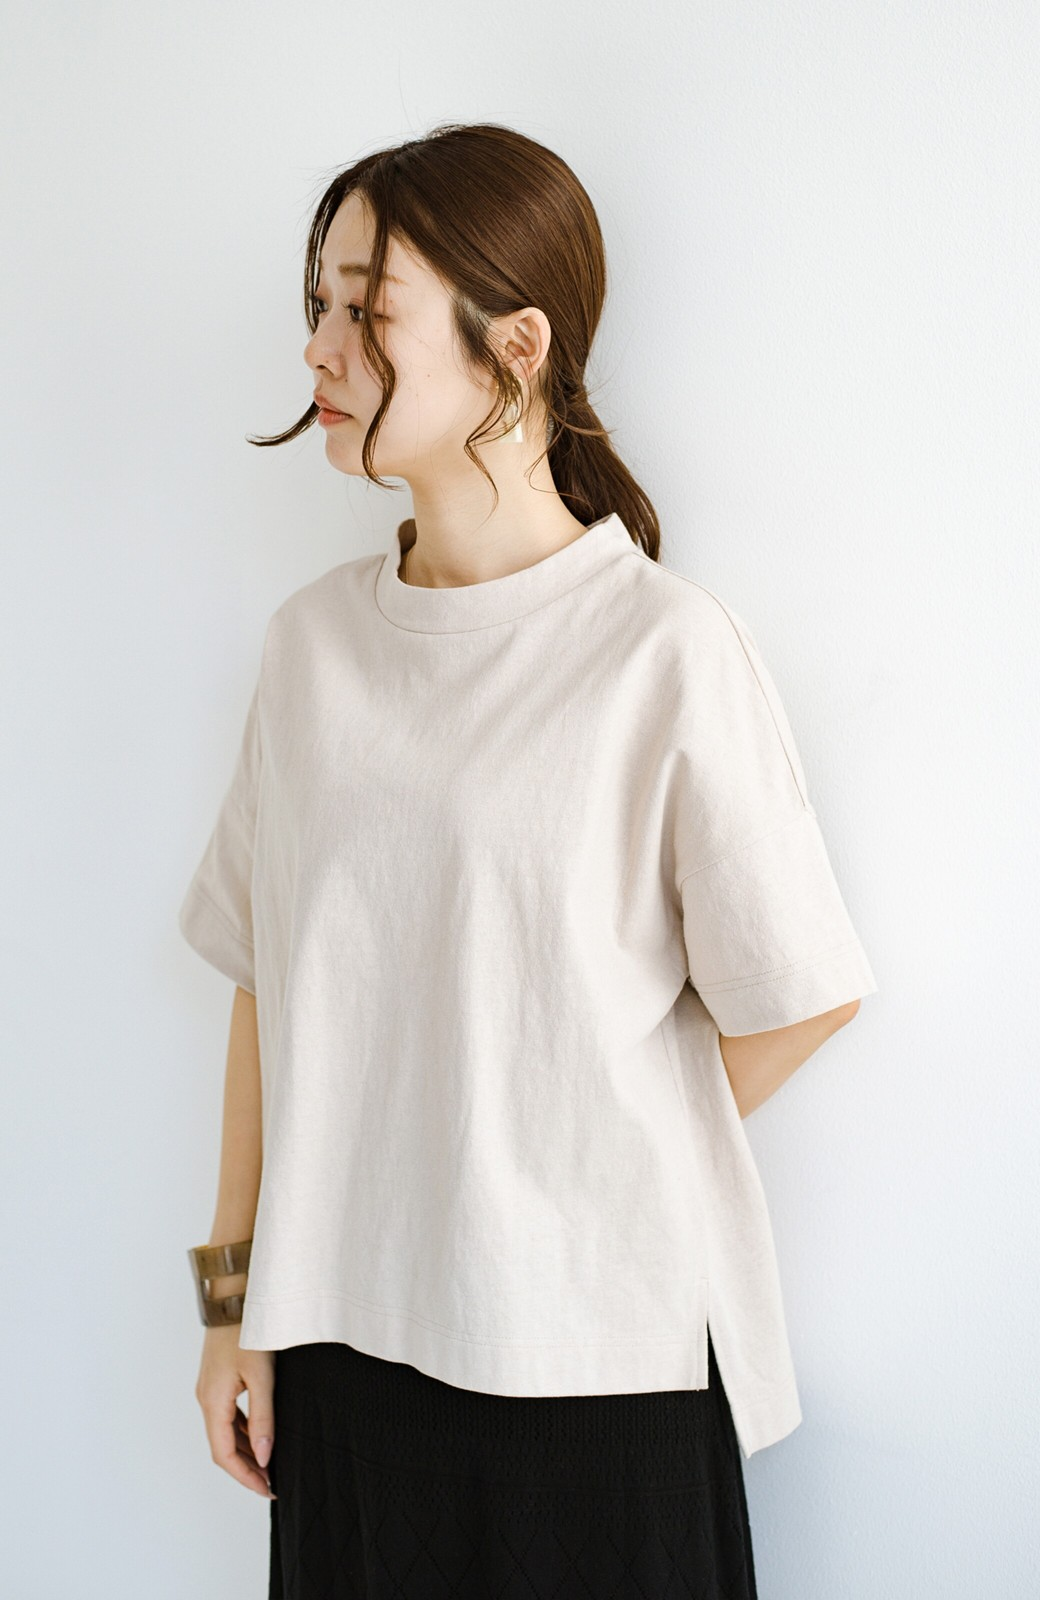 haco! じゃぶじゃぶ洗えて毎日づかいに便利!コーデに迷わず便利なモックネックTシャツ <ベージュ>の商品写真14